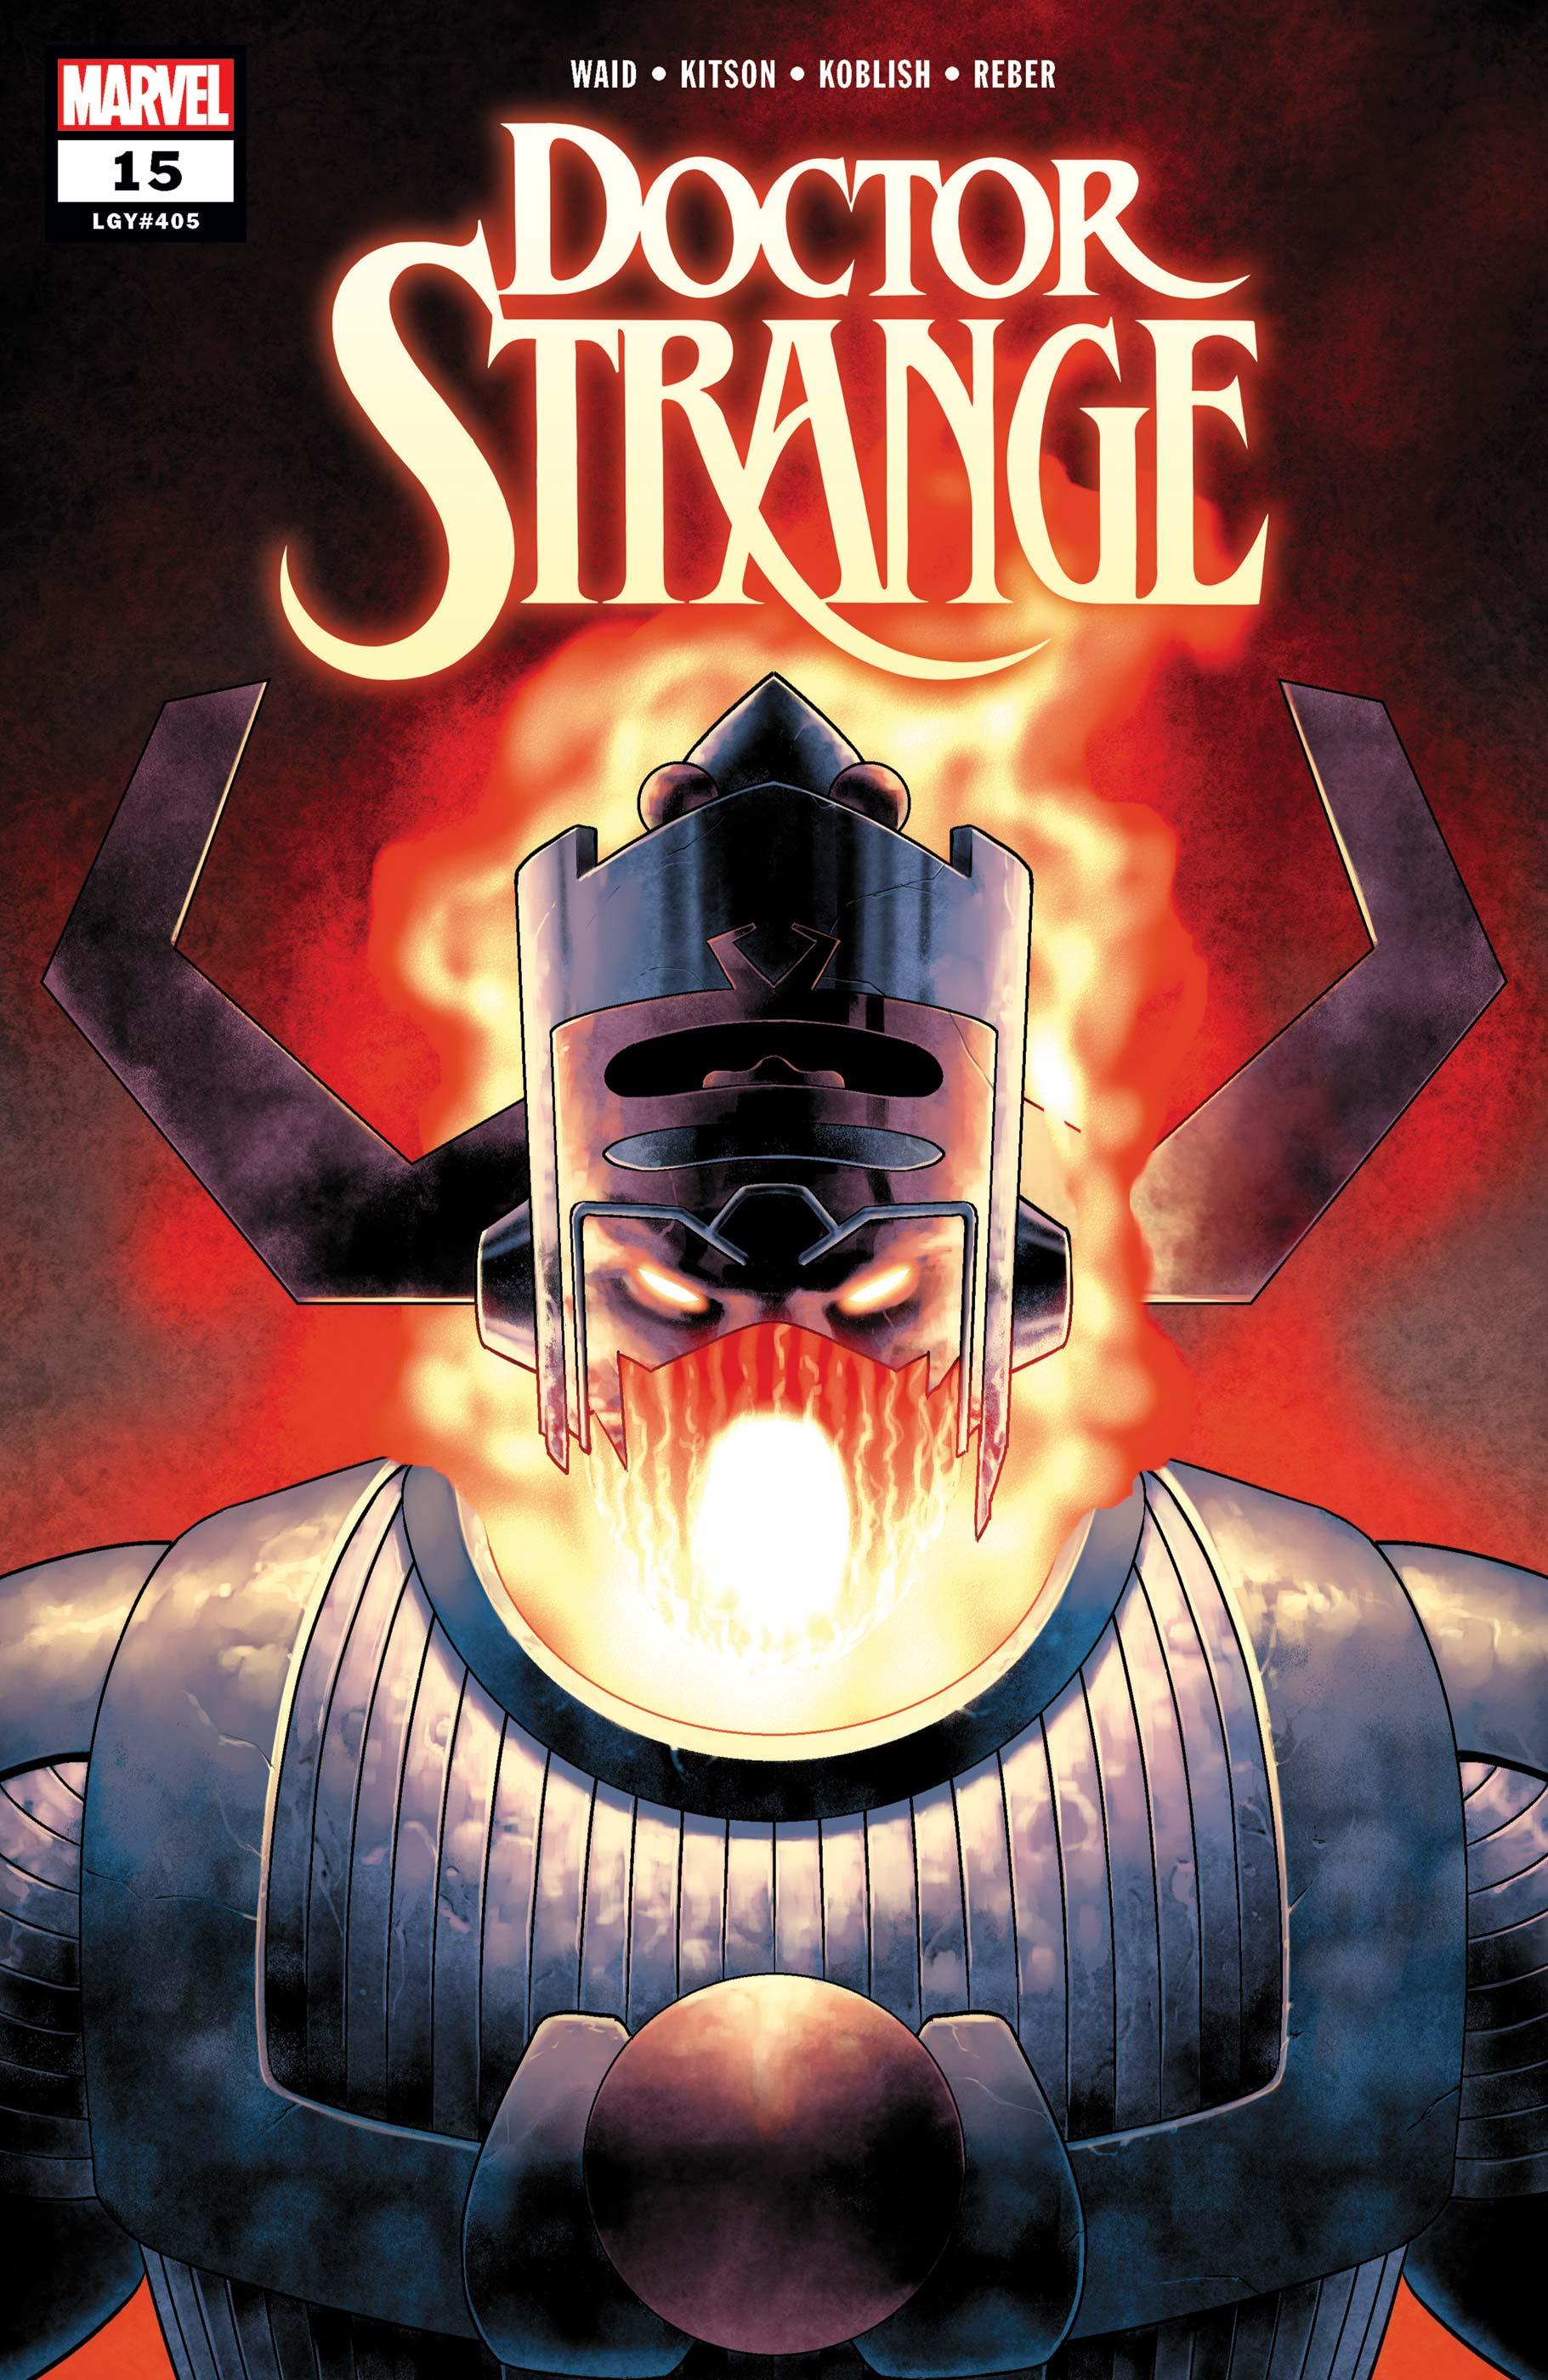 Doctor Strange (2018) #15